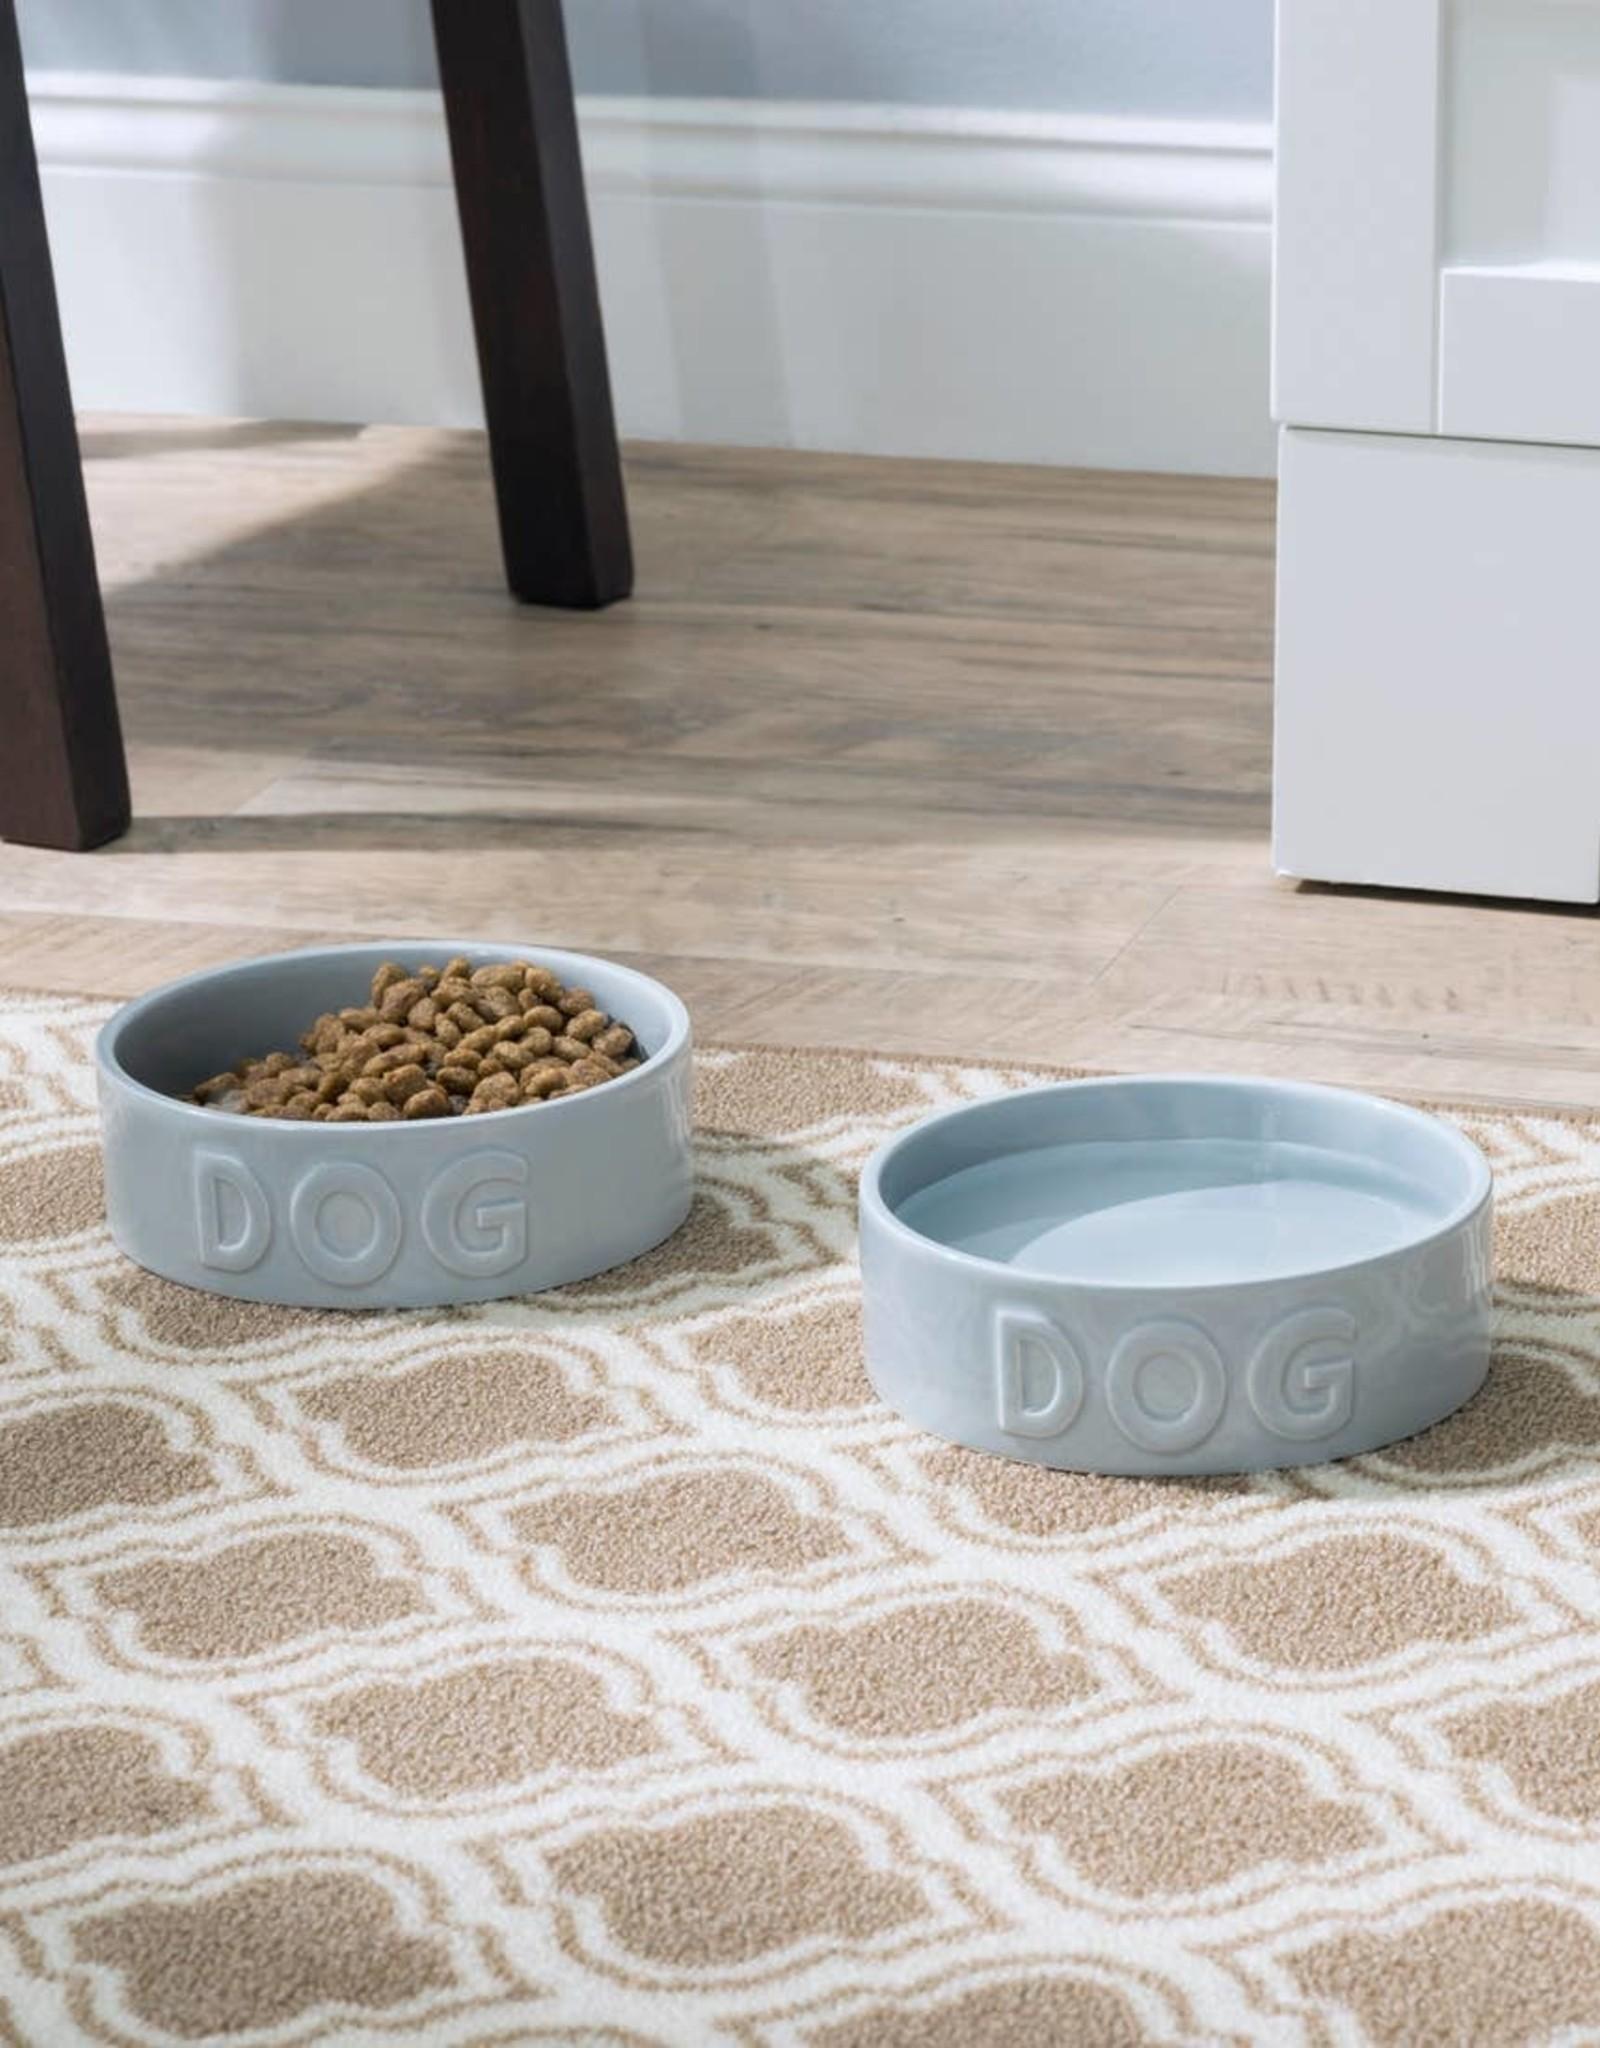 Classic Dog Grey Pet Bowl